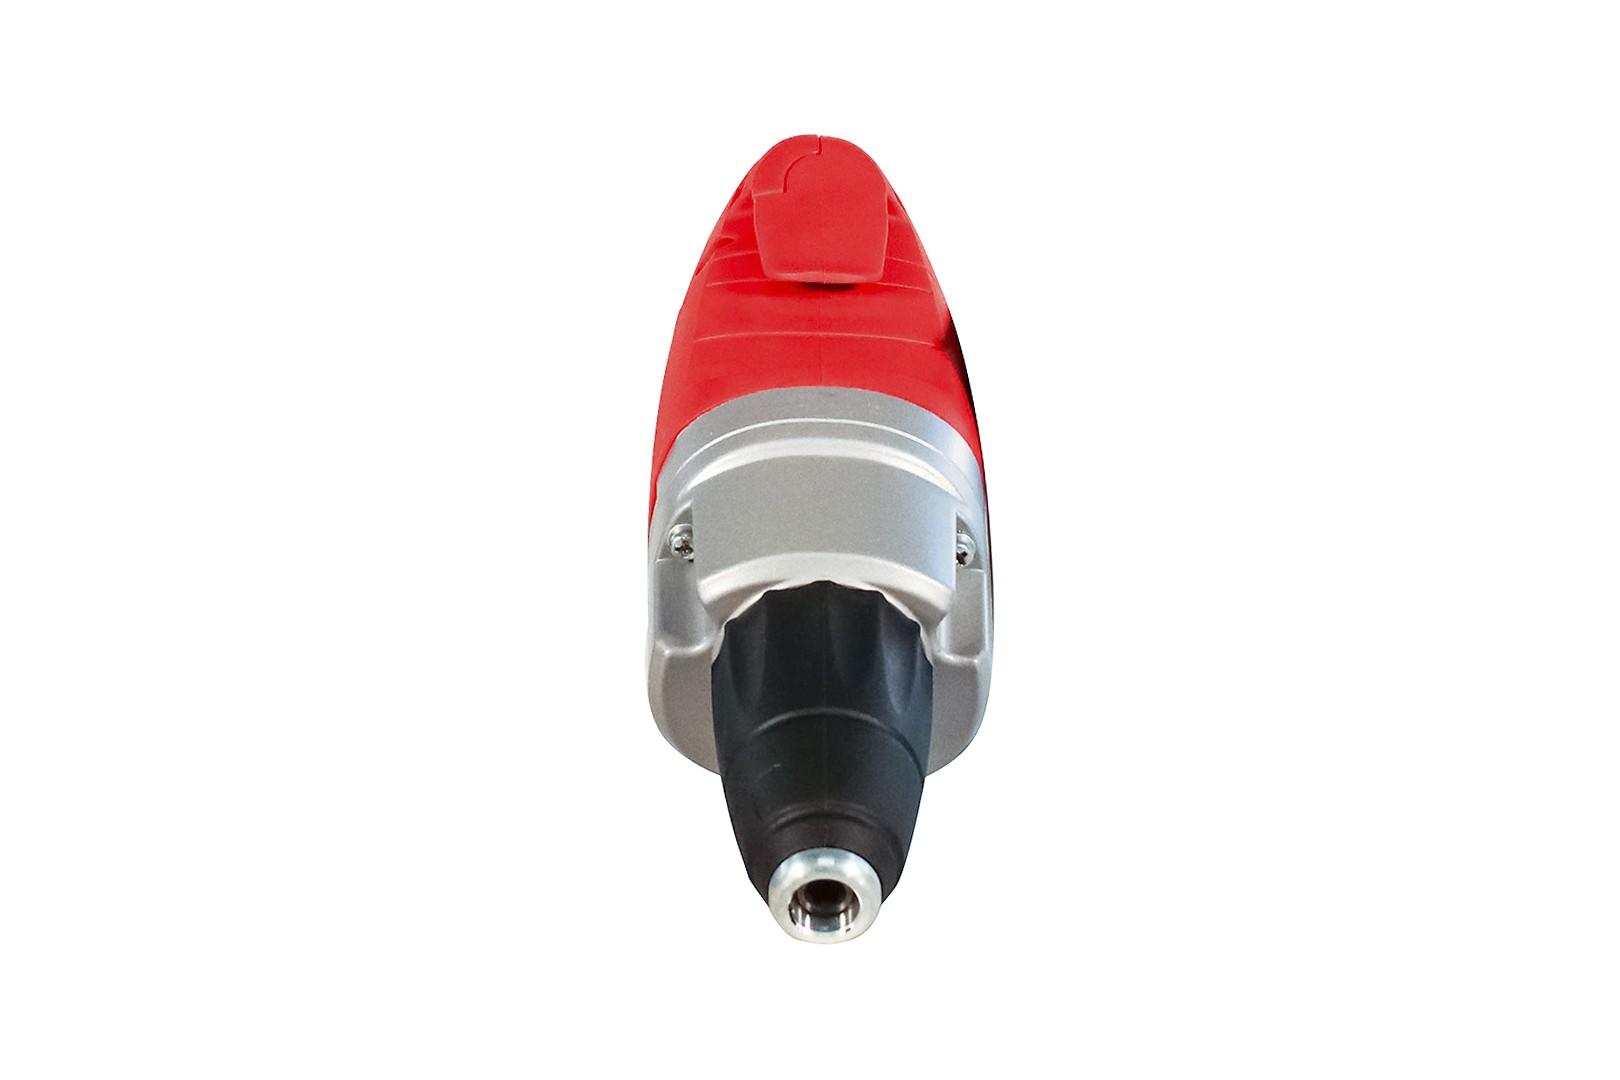 Parafusadeira Para Gesso Drywall Tc-Dy 500 E Einhell 110V